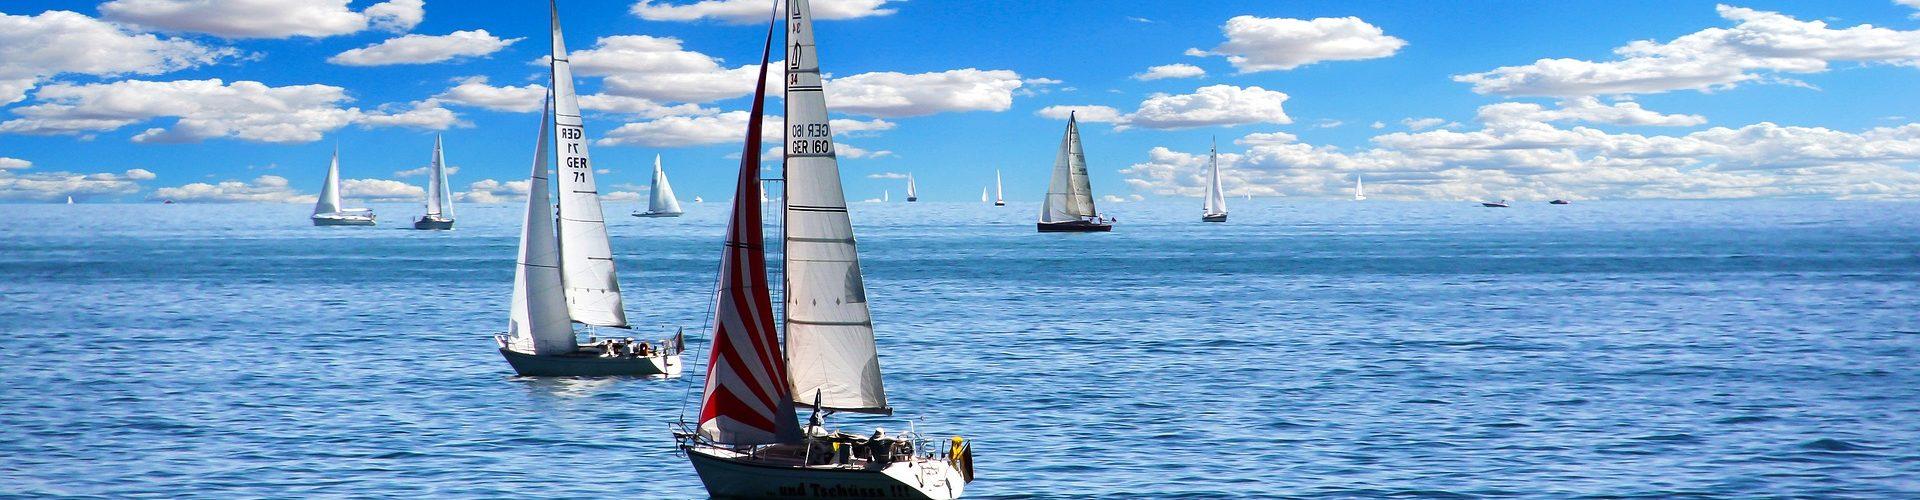 segeln lernen in Amberg segelschein machen in Amberg 1920x500 - Segeln lernen in Amberg